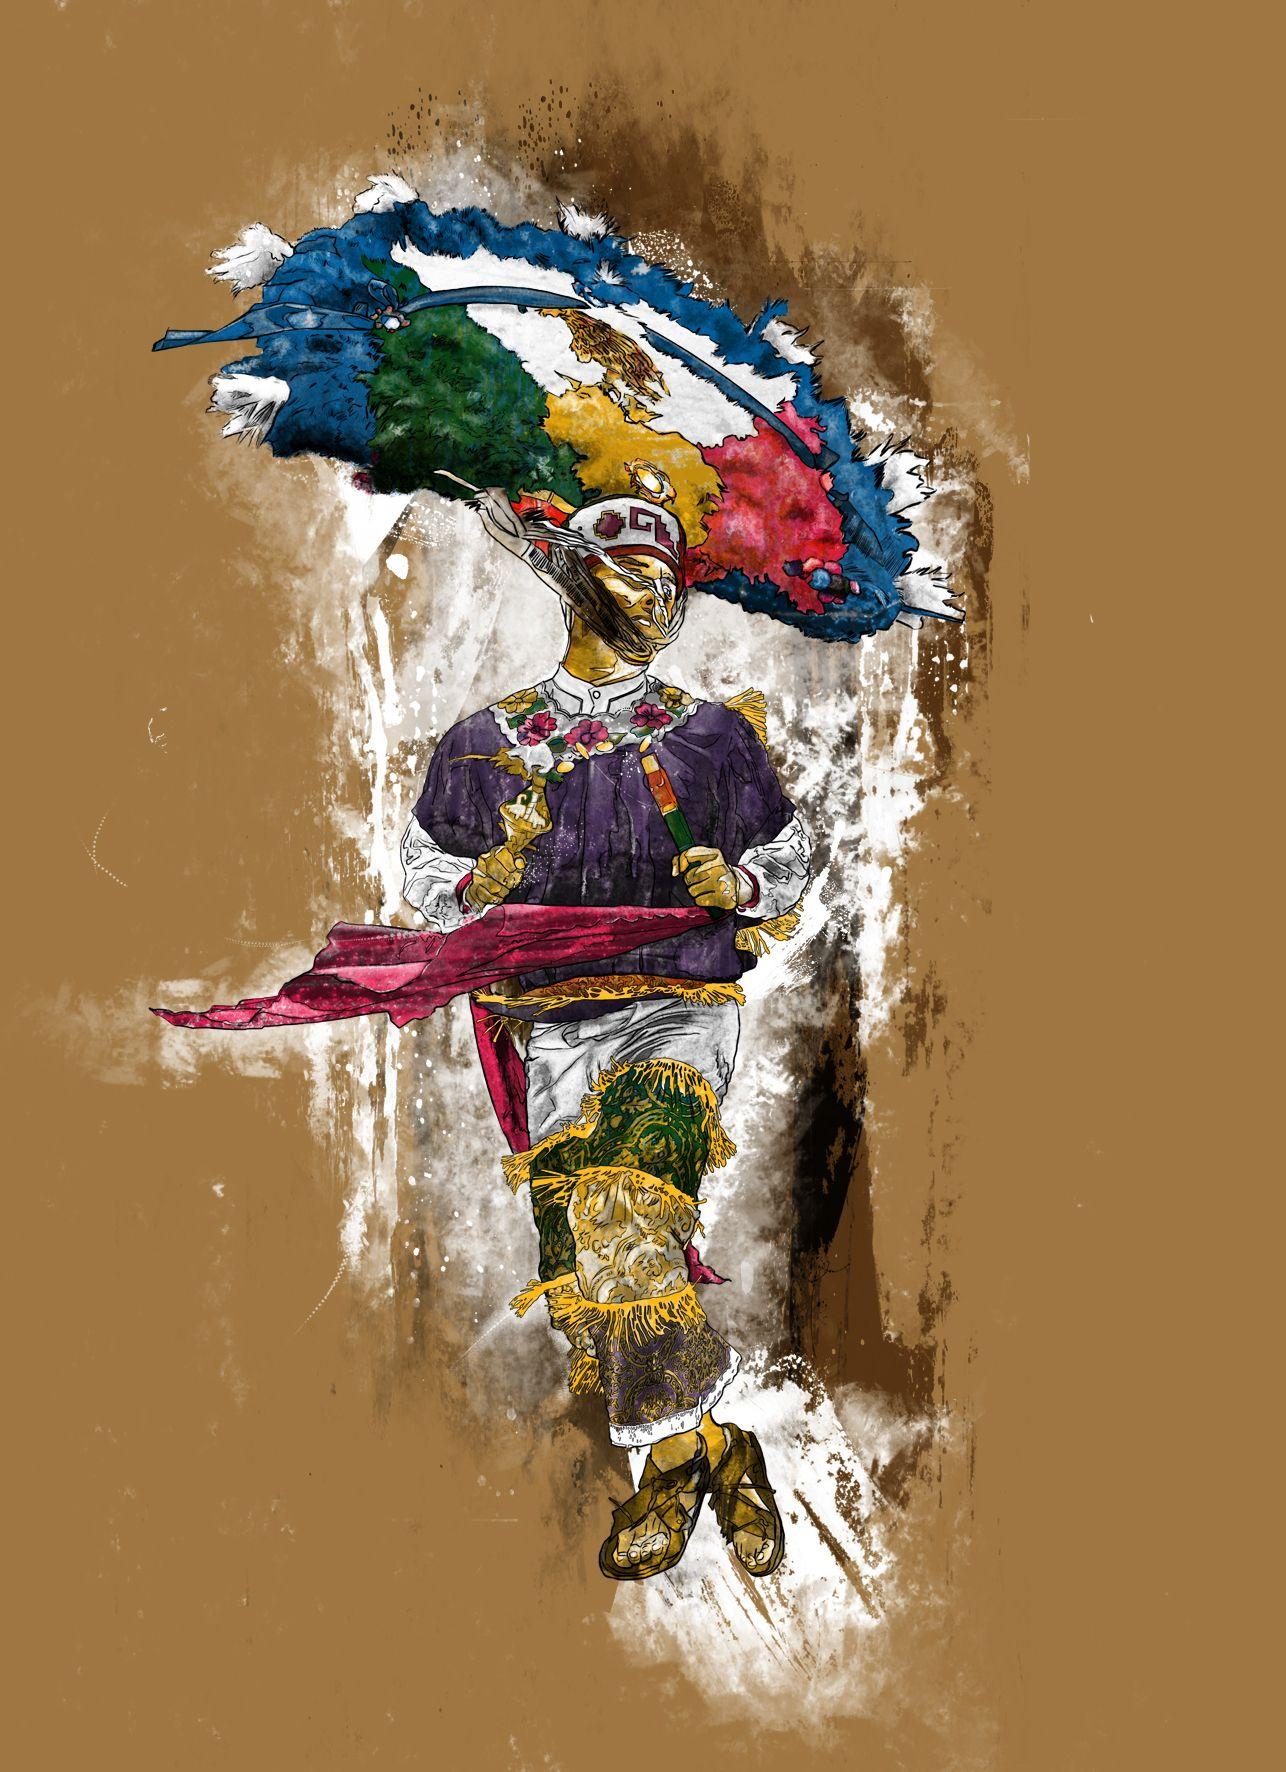 Danzante de la Pluma / Plume's Dancer from Oaxaca, Mexico.  Ilustración de una danza tradicional del Estado de...